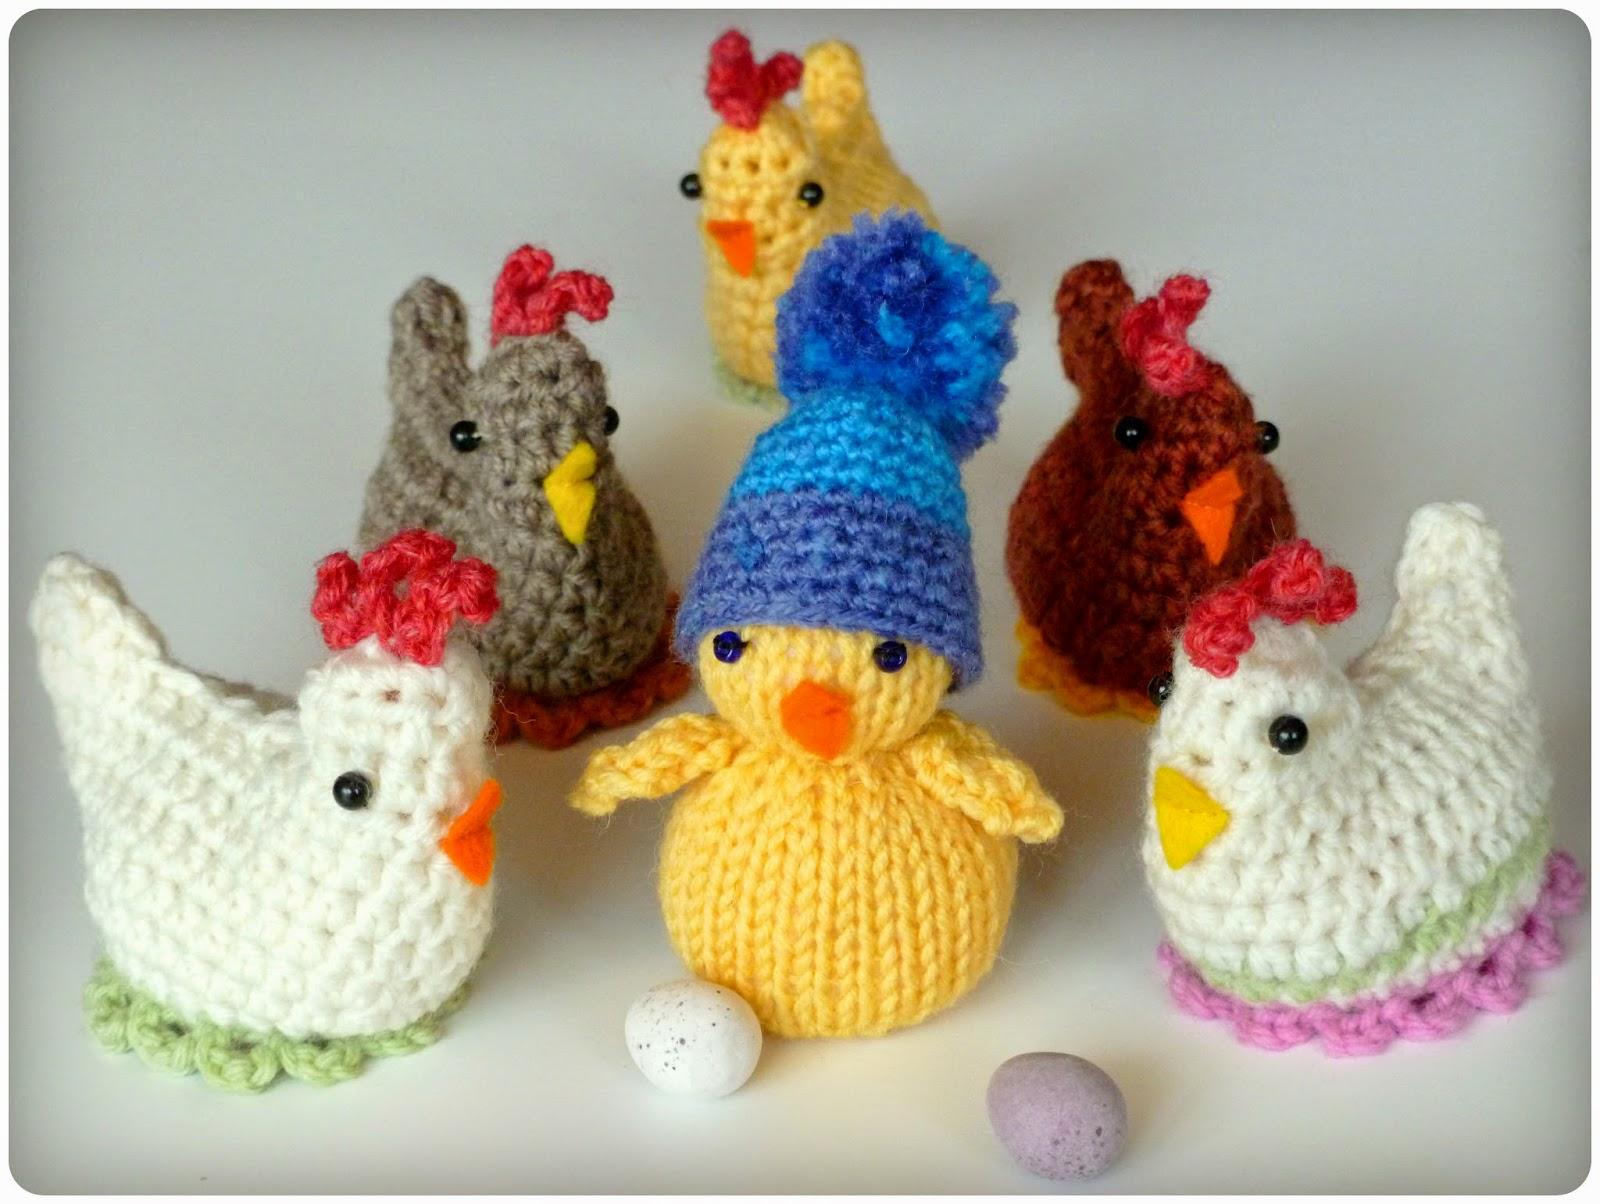 Contemporáneo Knitted Hen Pattern Ideas - Manta de Tejer Patrón de ...